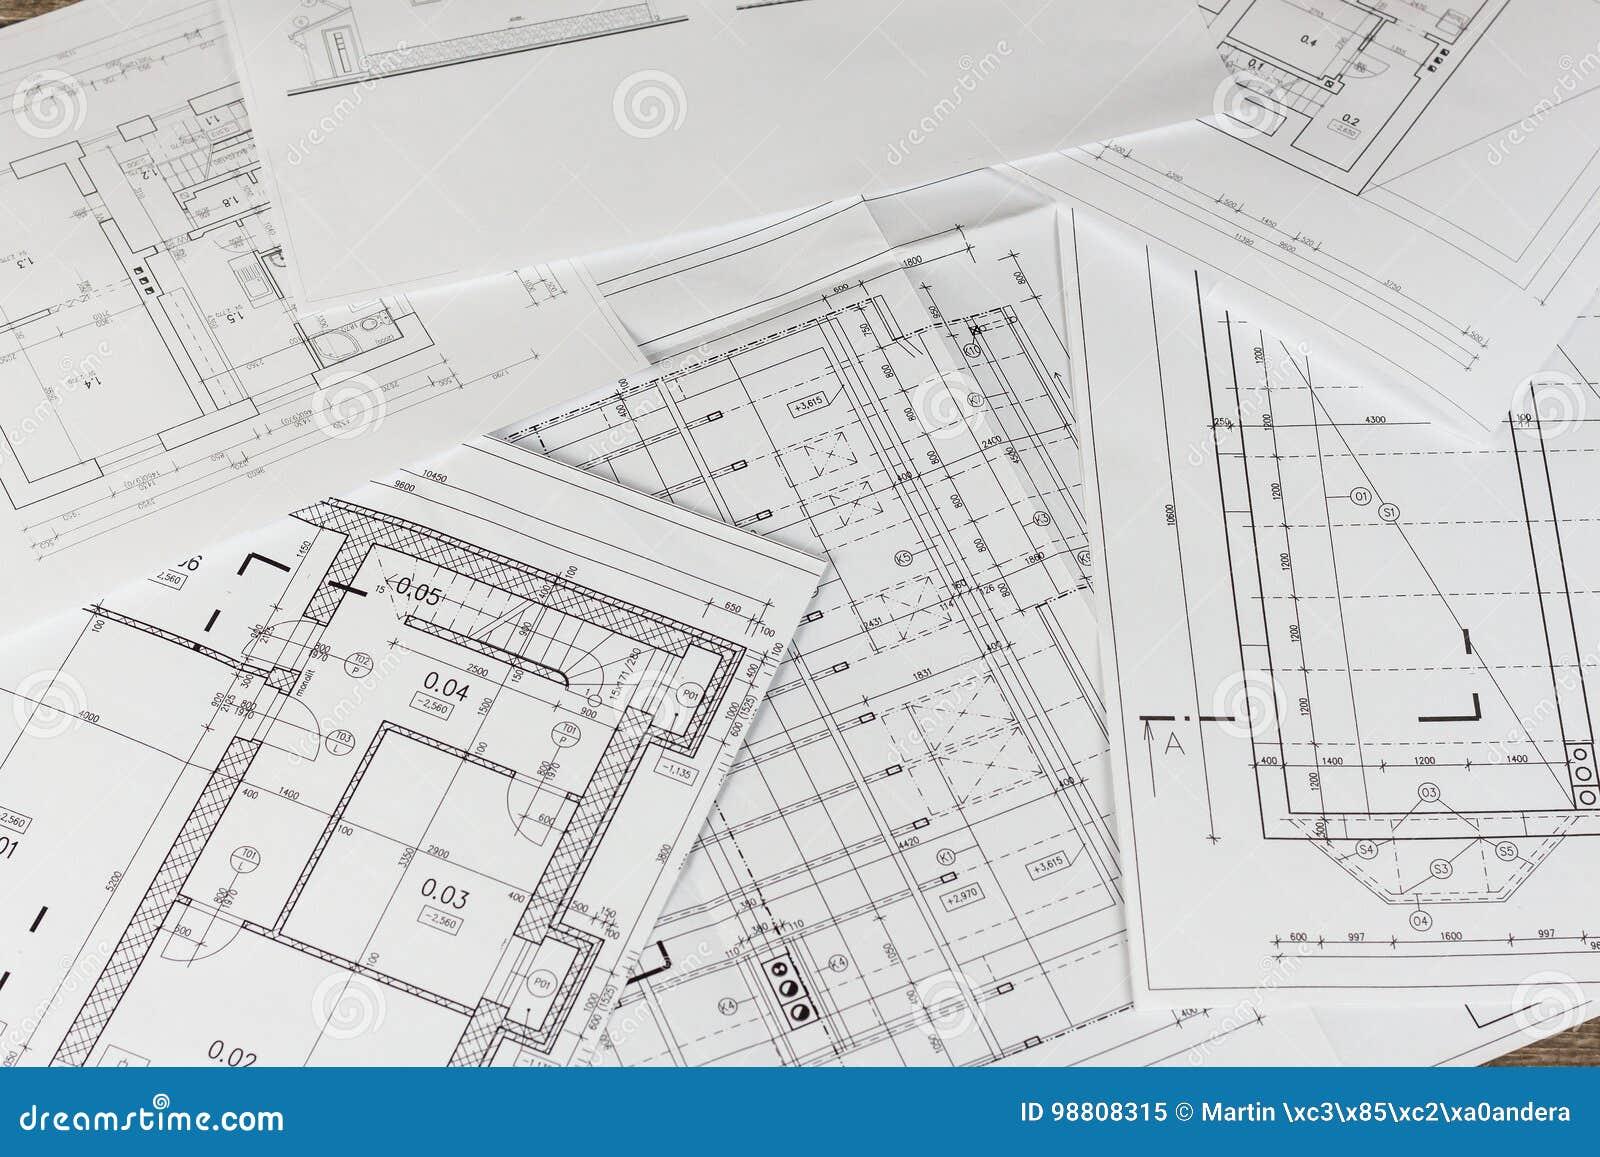 Pläne Des Gebäudes /Planen Gebäudemodell Und Entwurfswerkzeuge Auf Bau  Grundriss Entwarf Gebäude Auf Der Zeichnung Technik Und Te